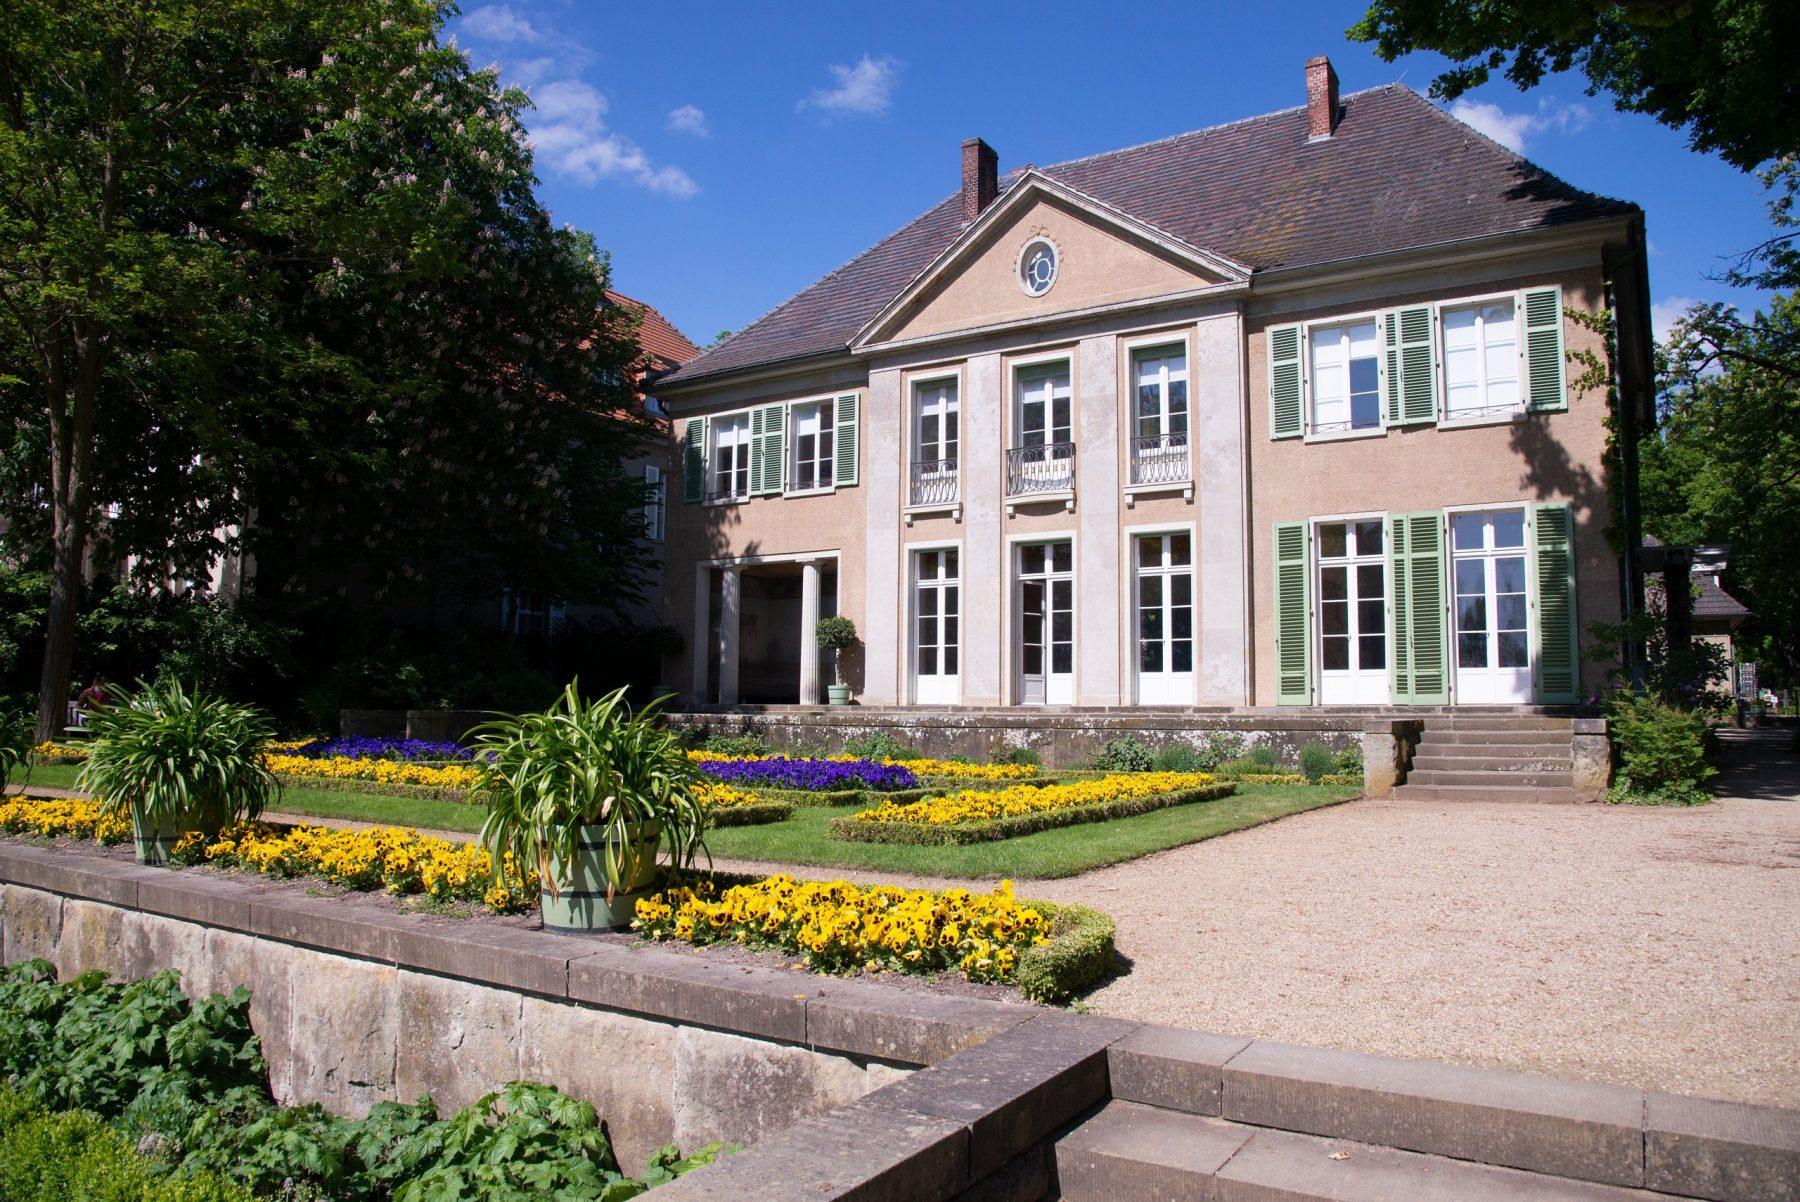 Die seeseitige Fassade der Liebermann-Villa, davor erstreckt sich die Blumenterrasse mit gelben und blauen Blumen.